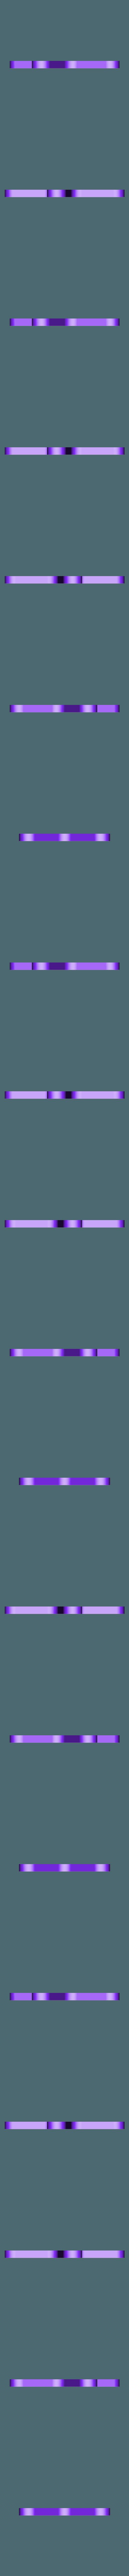 croix.STL Download free STL file Tic Tac Toe • 3D printable design, seb2320